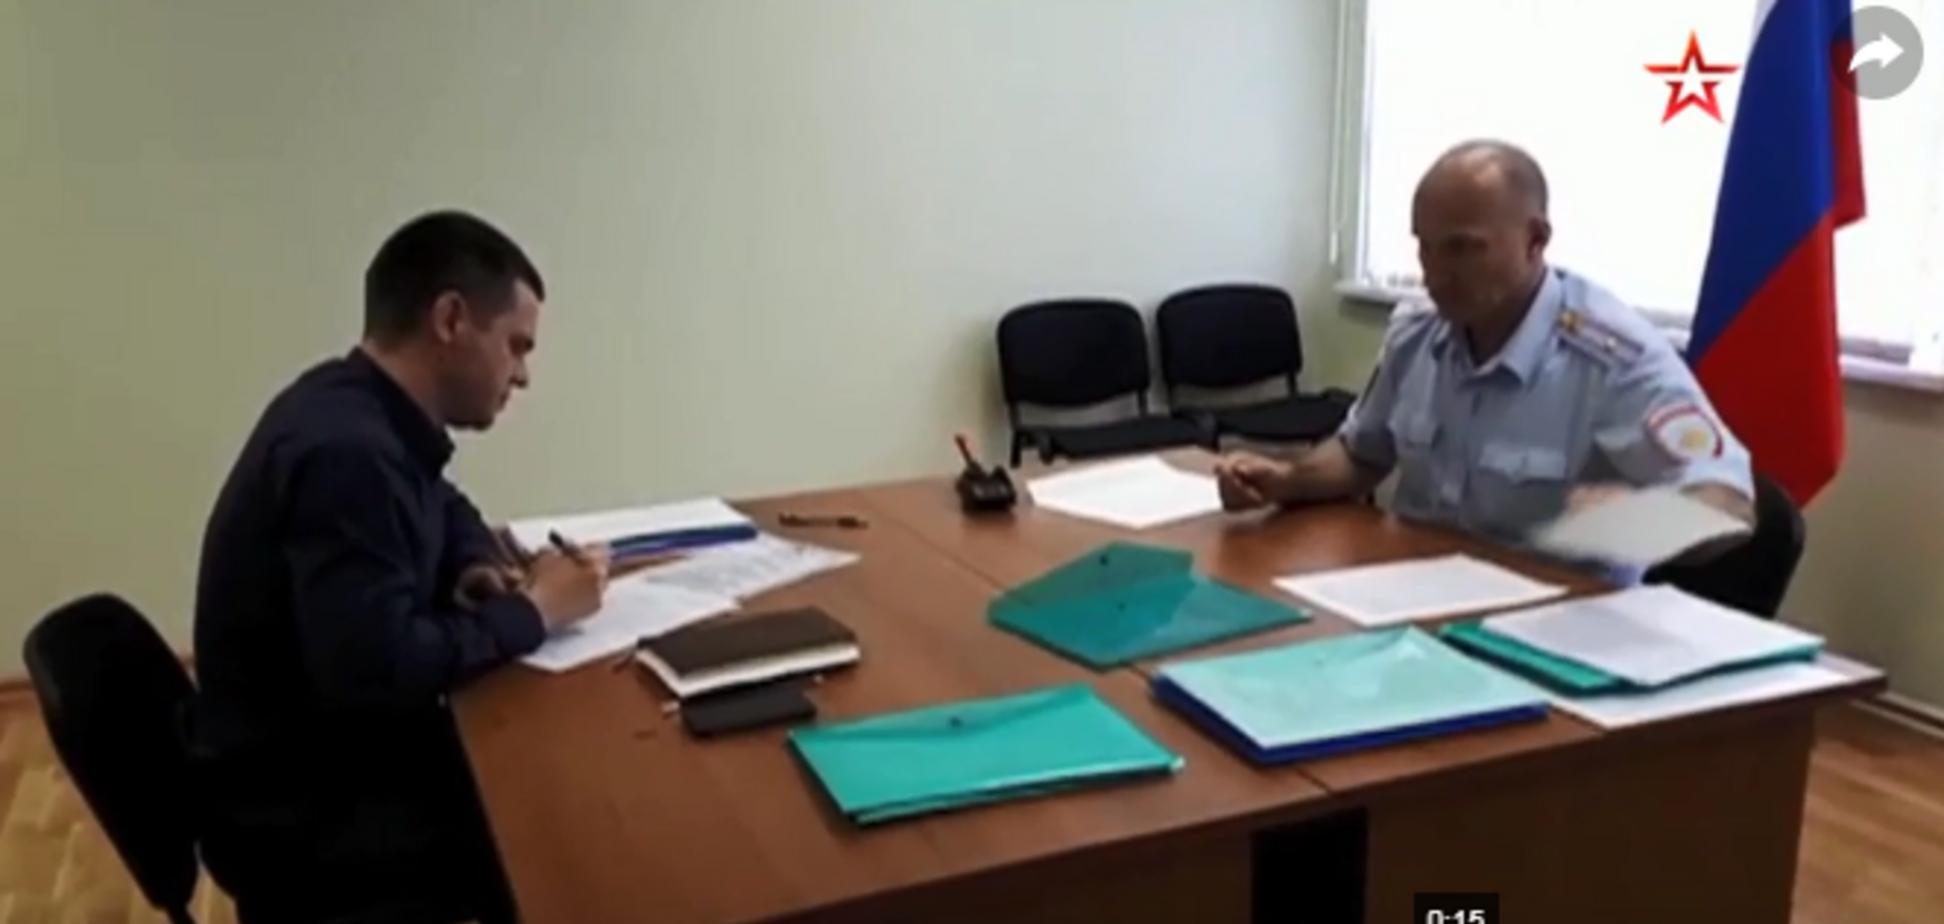 В России начали выдавать паспорта украинцам: видео